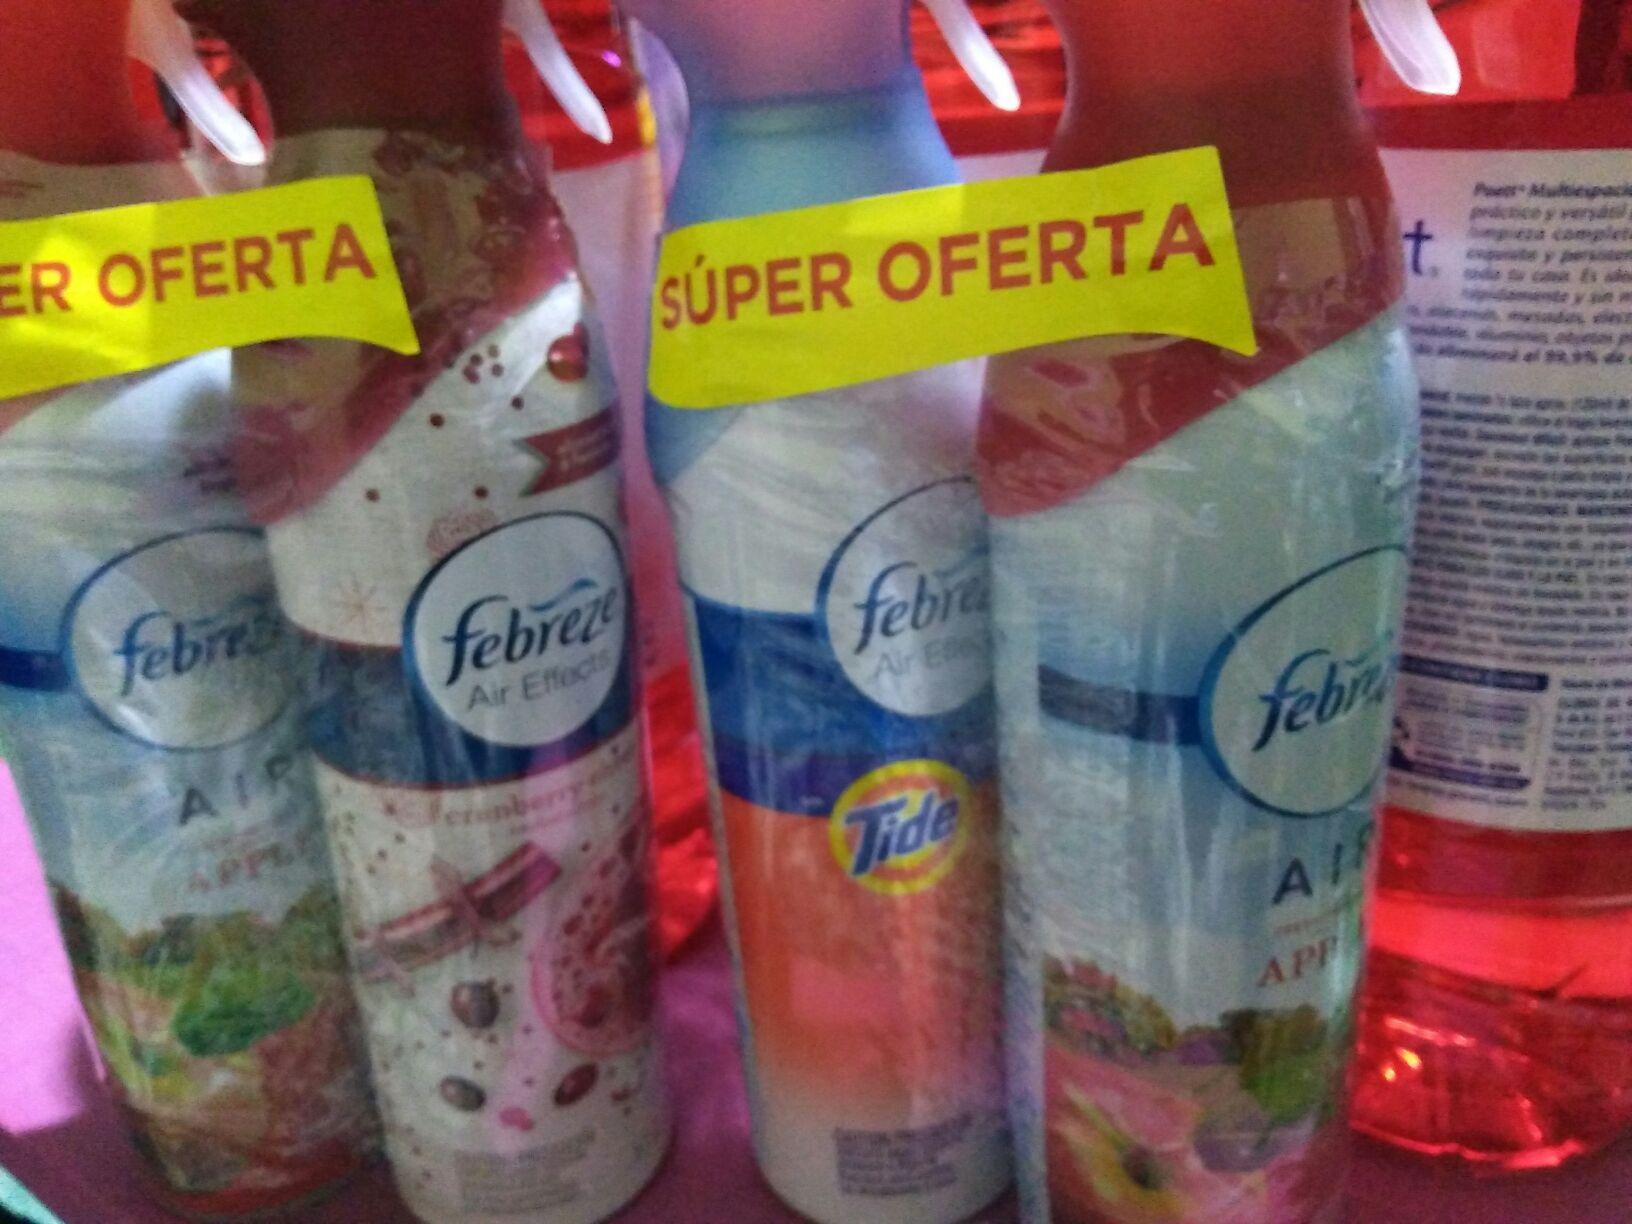 Superama Niza: Frebreze paquete de dos en buen precio